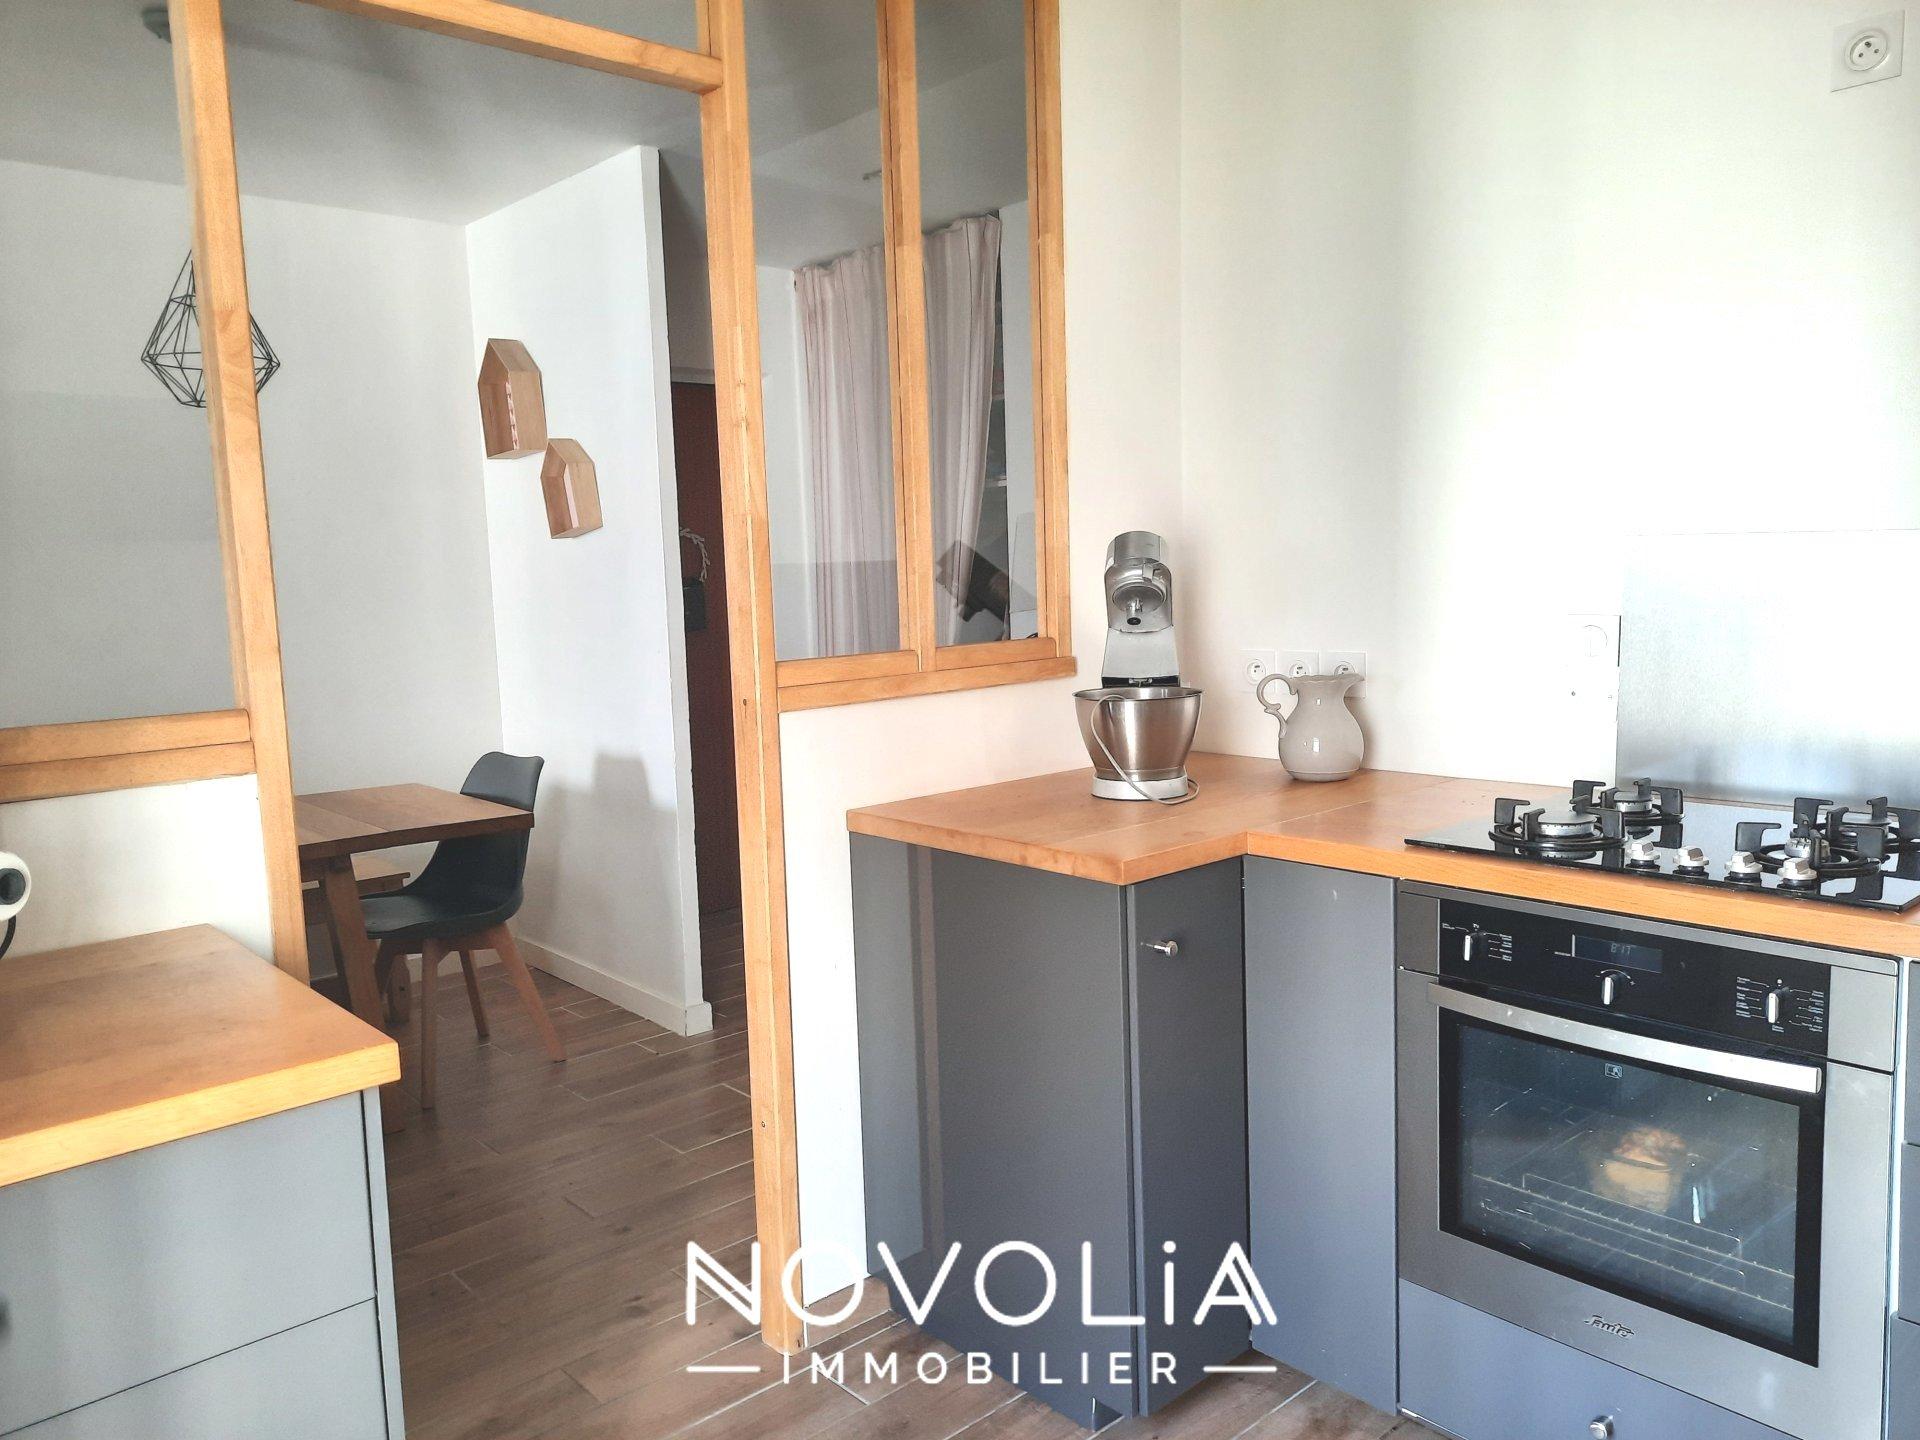 Achat Appartement, Surface de 97 m²/ Total carrez : 97 m², 5 pièces, Lyon 3ème (69003)